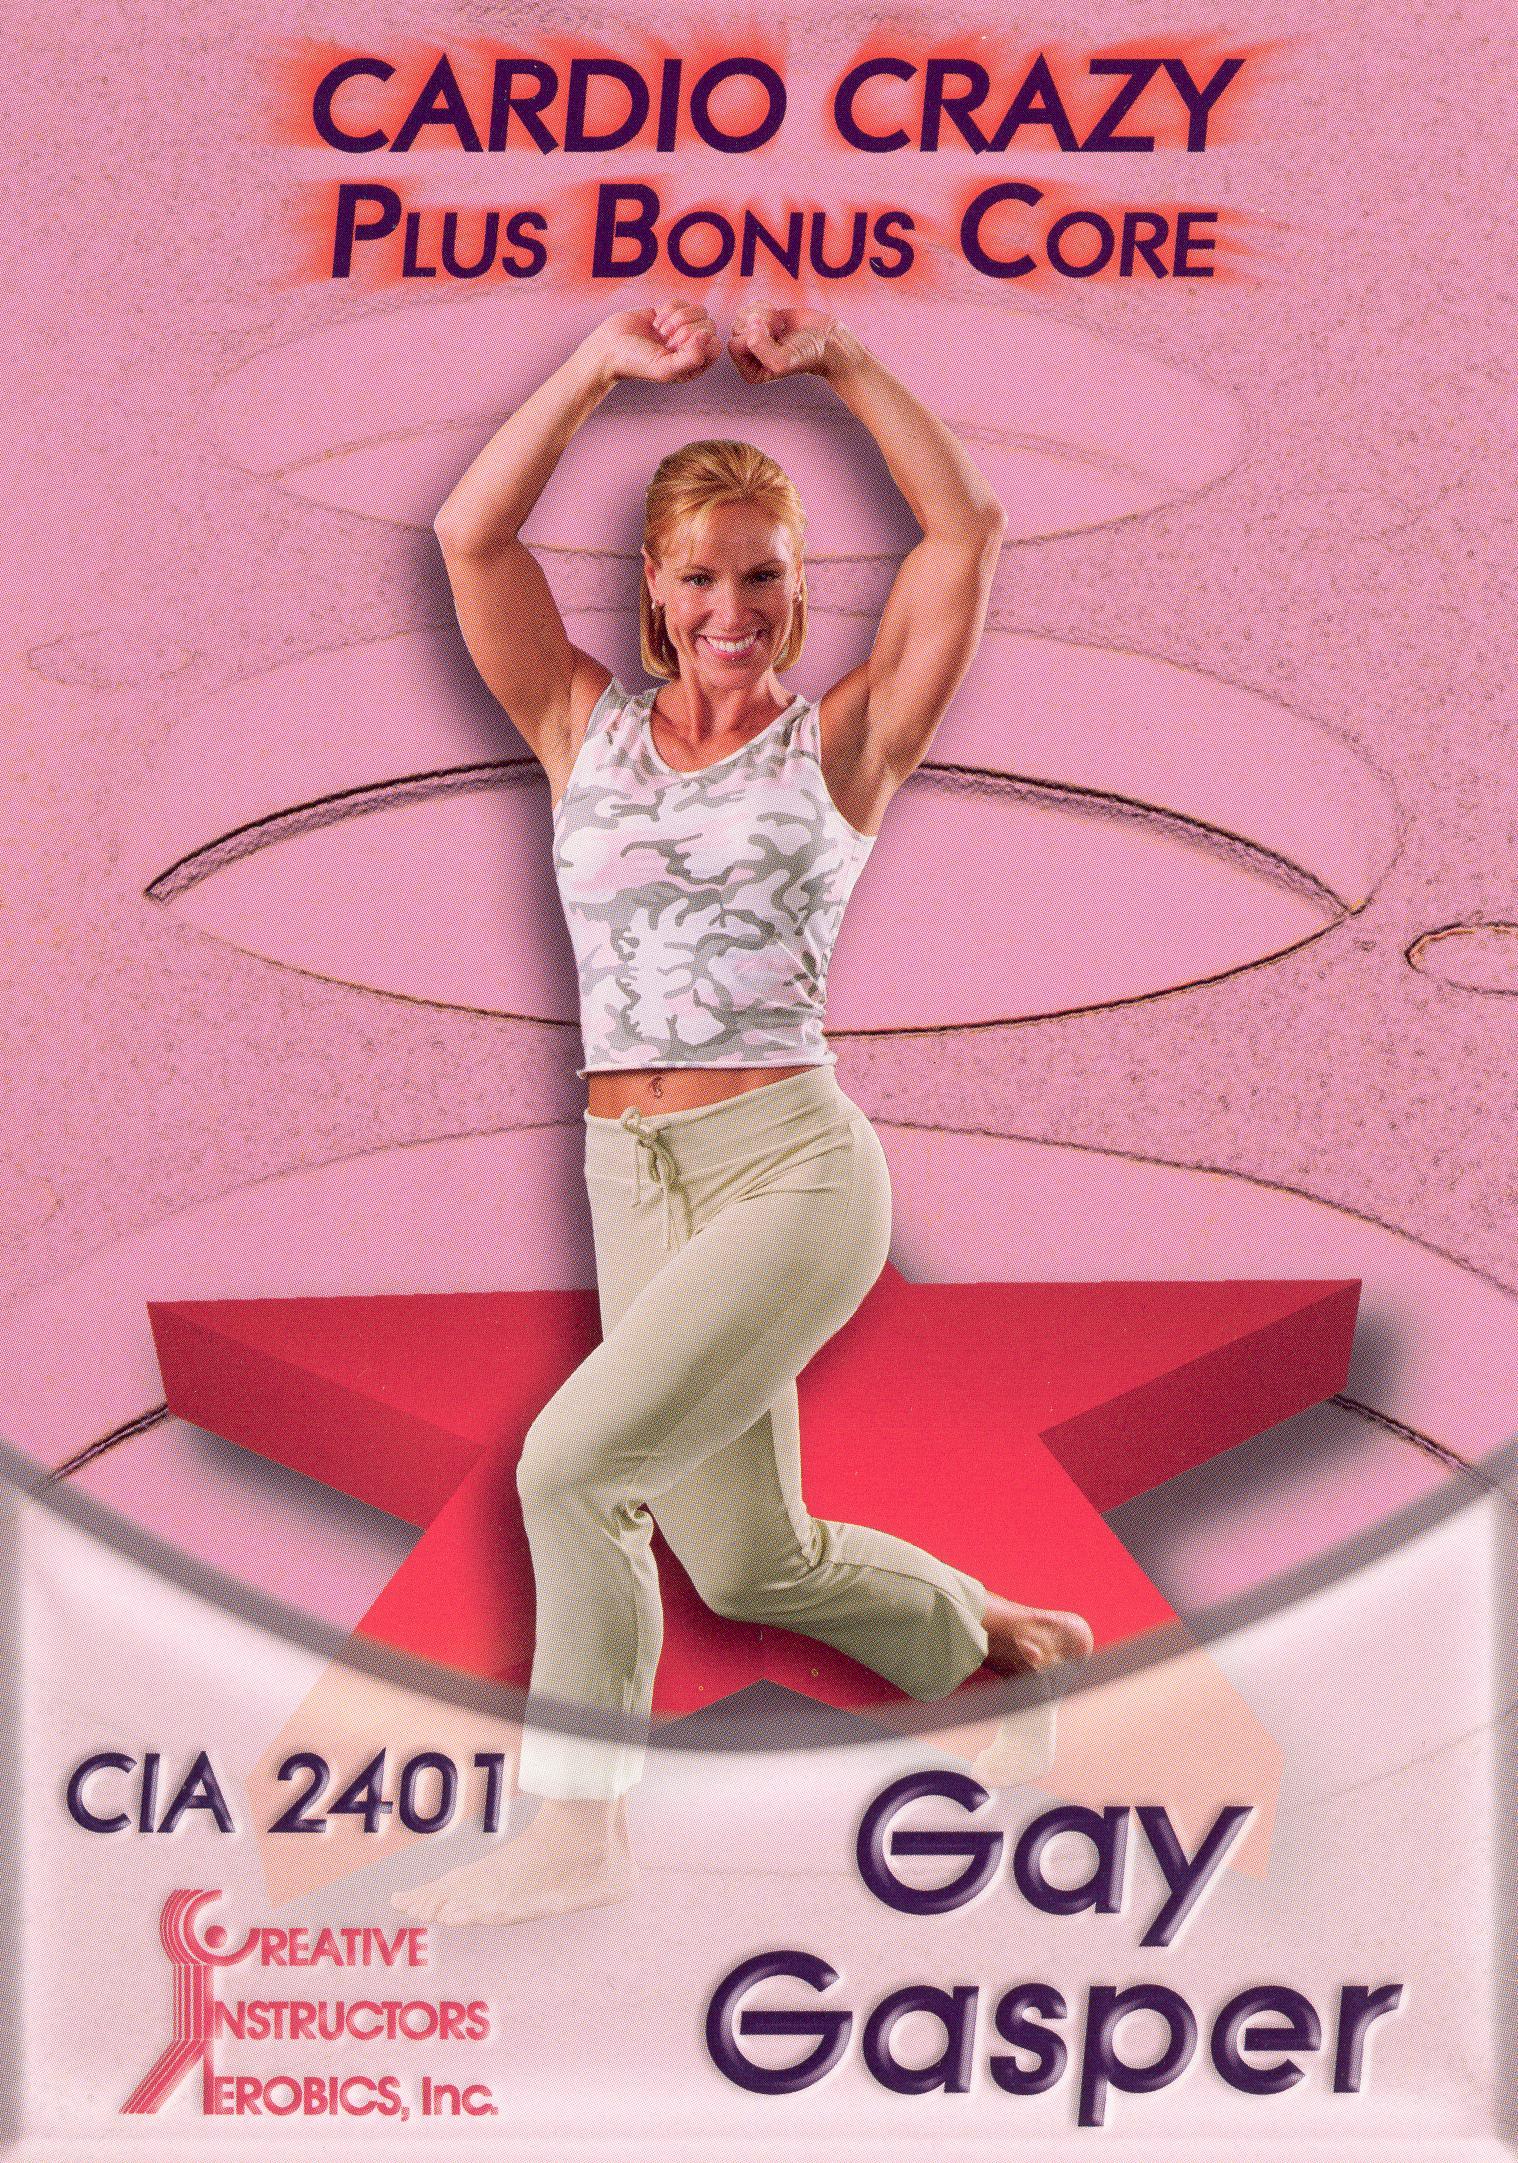 CIA 2401: Cardio Crazy Plus Bonus Core